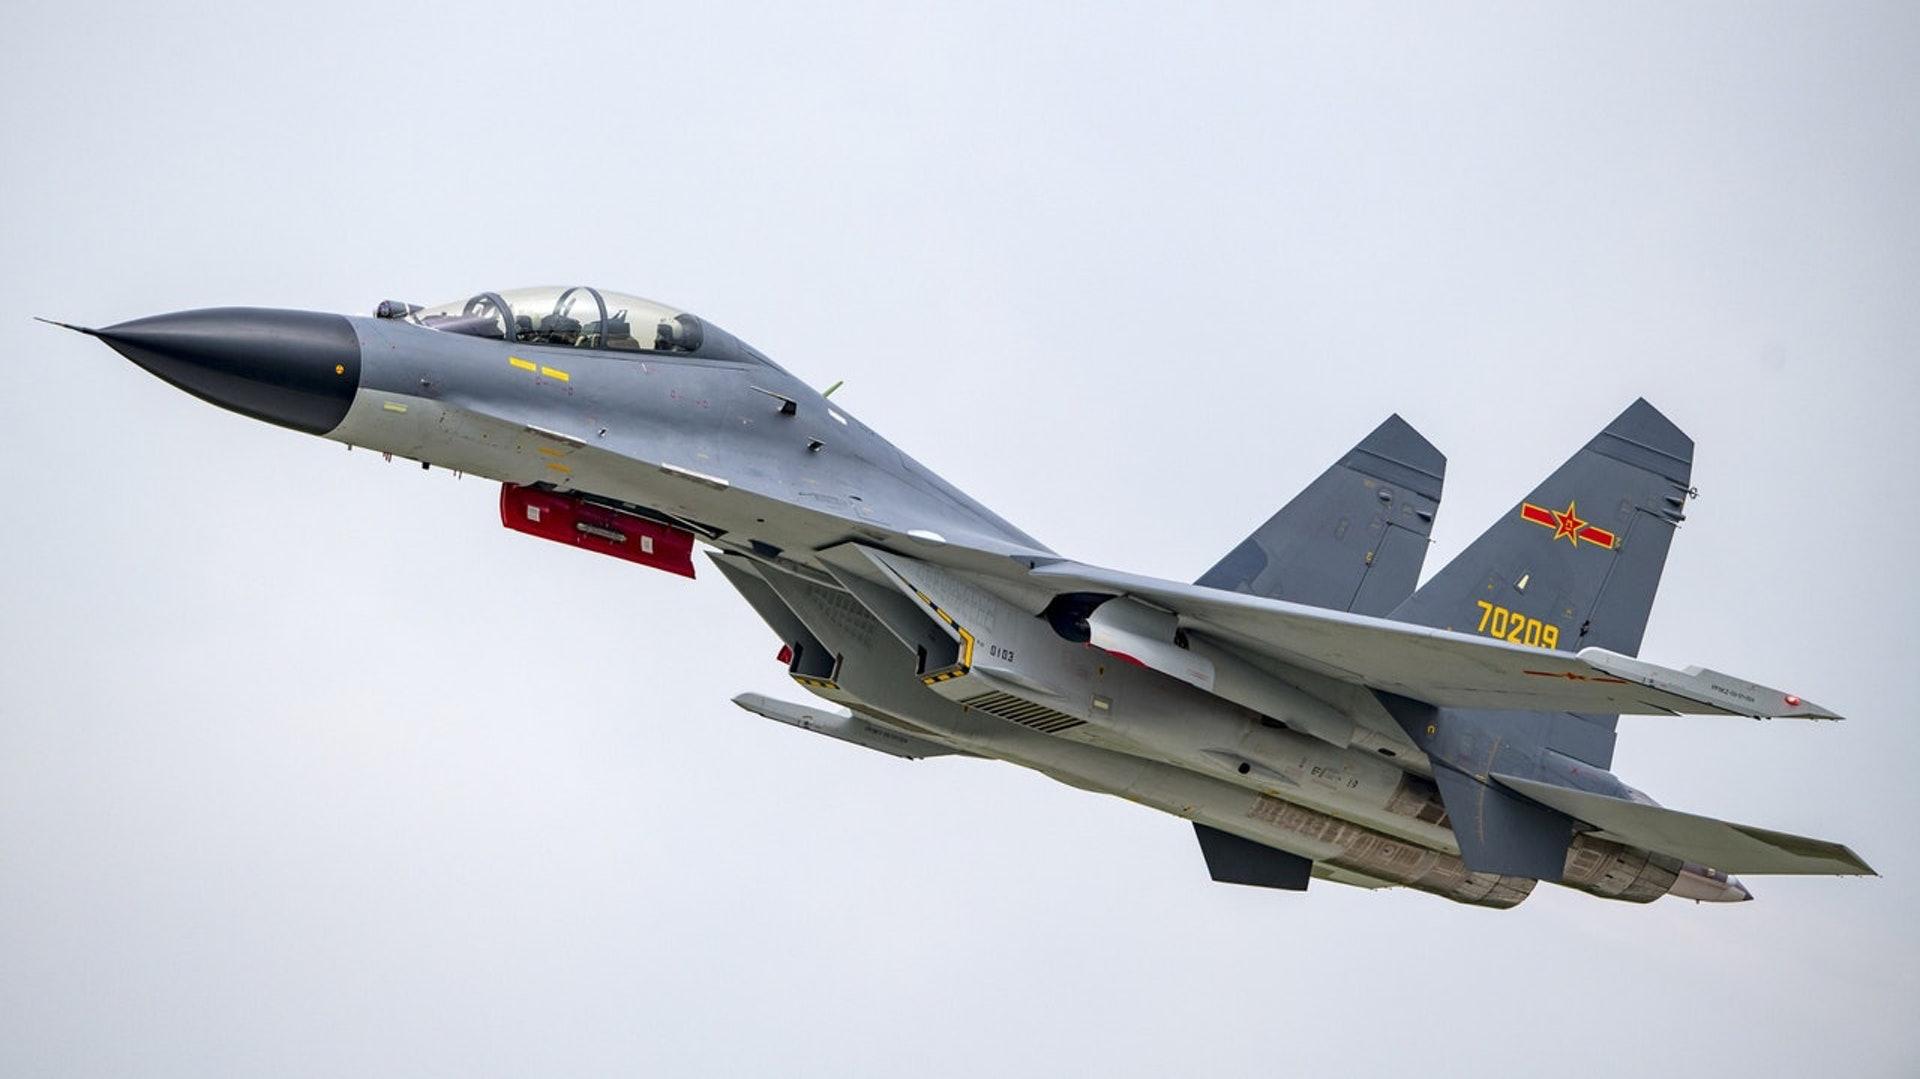 28架軍機巡航台灣西南引熱議,美媒謬稱中國空軍經驗不如俄羅斯